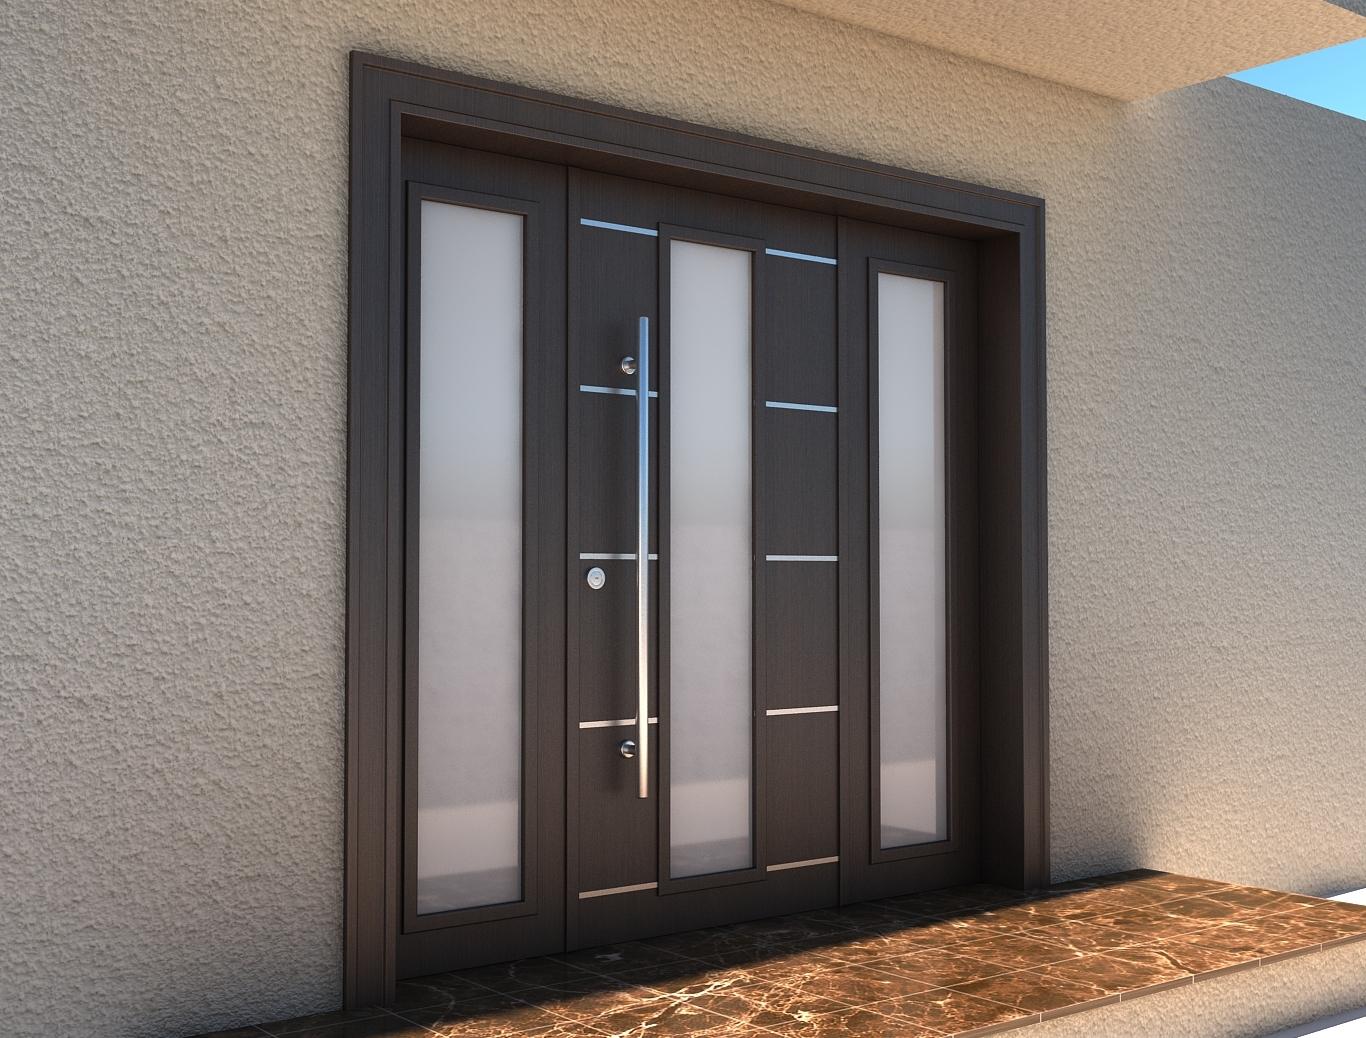 Daya Tahan Pintu Aluminium